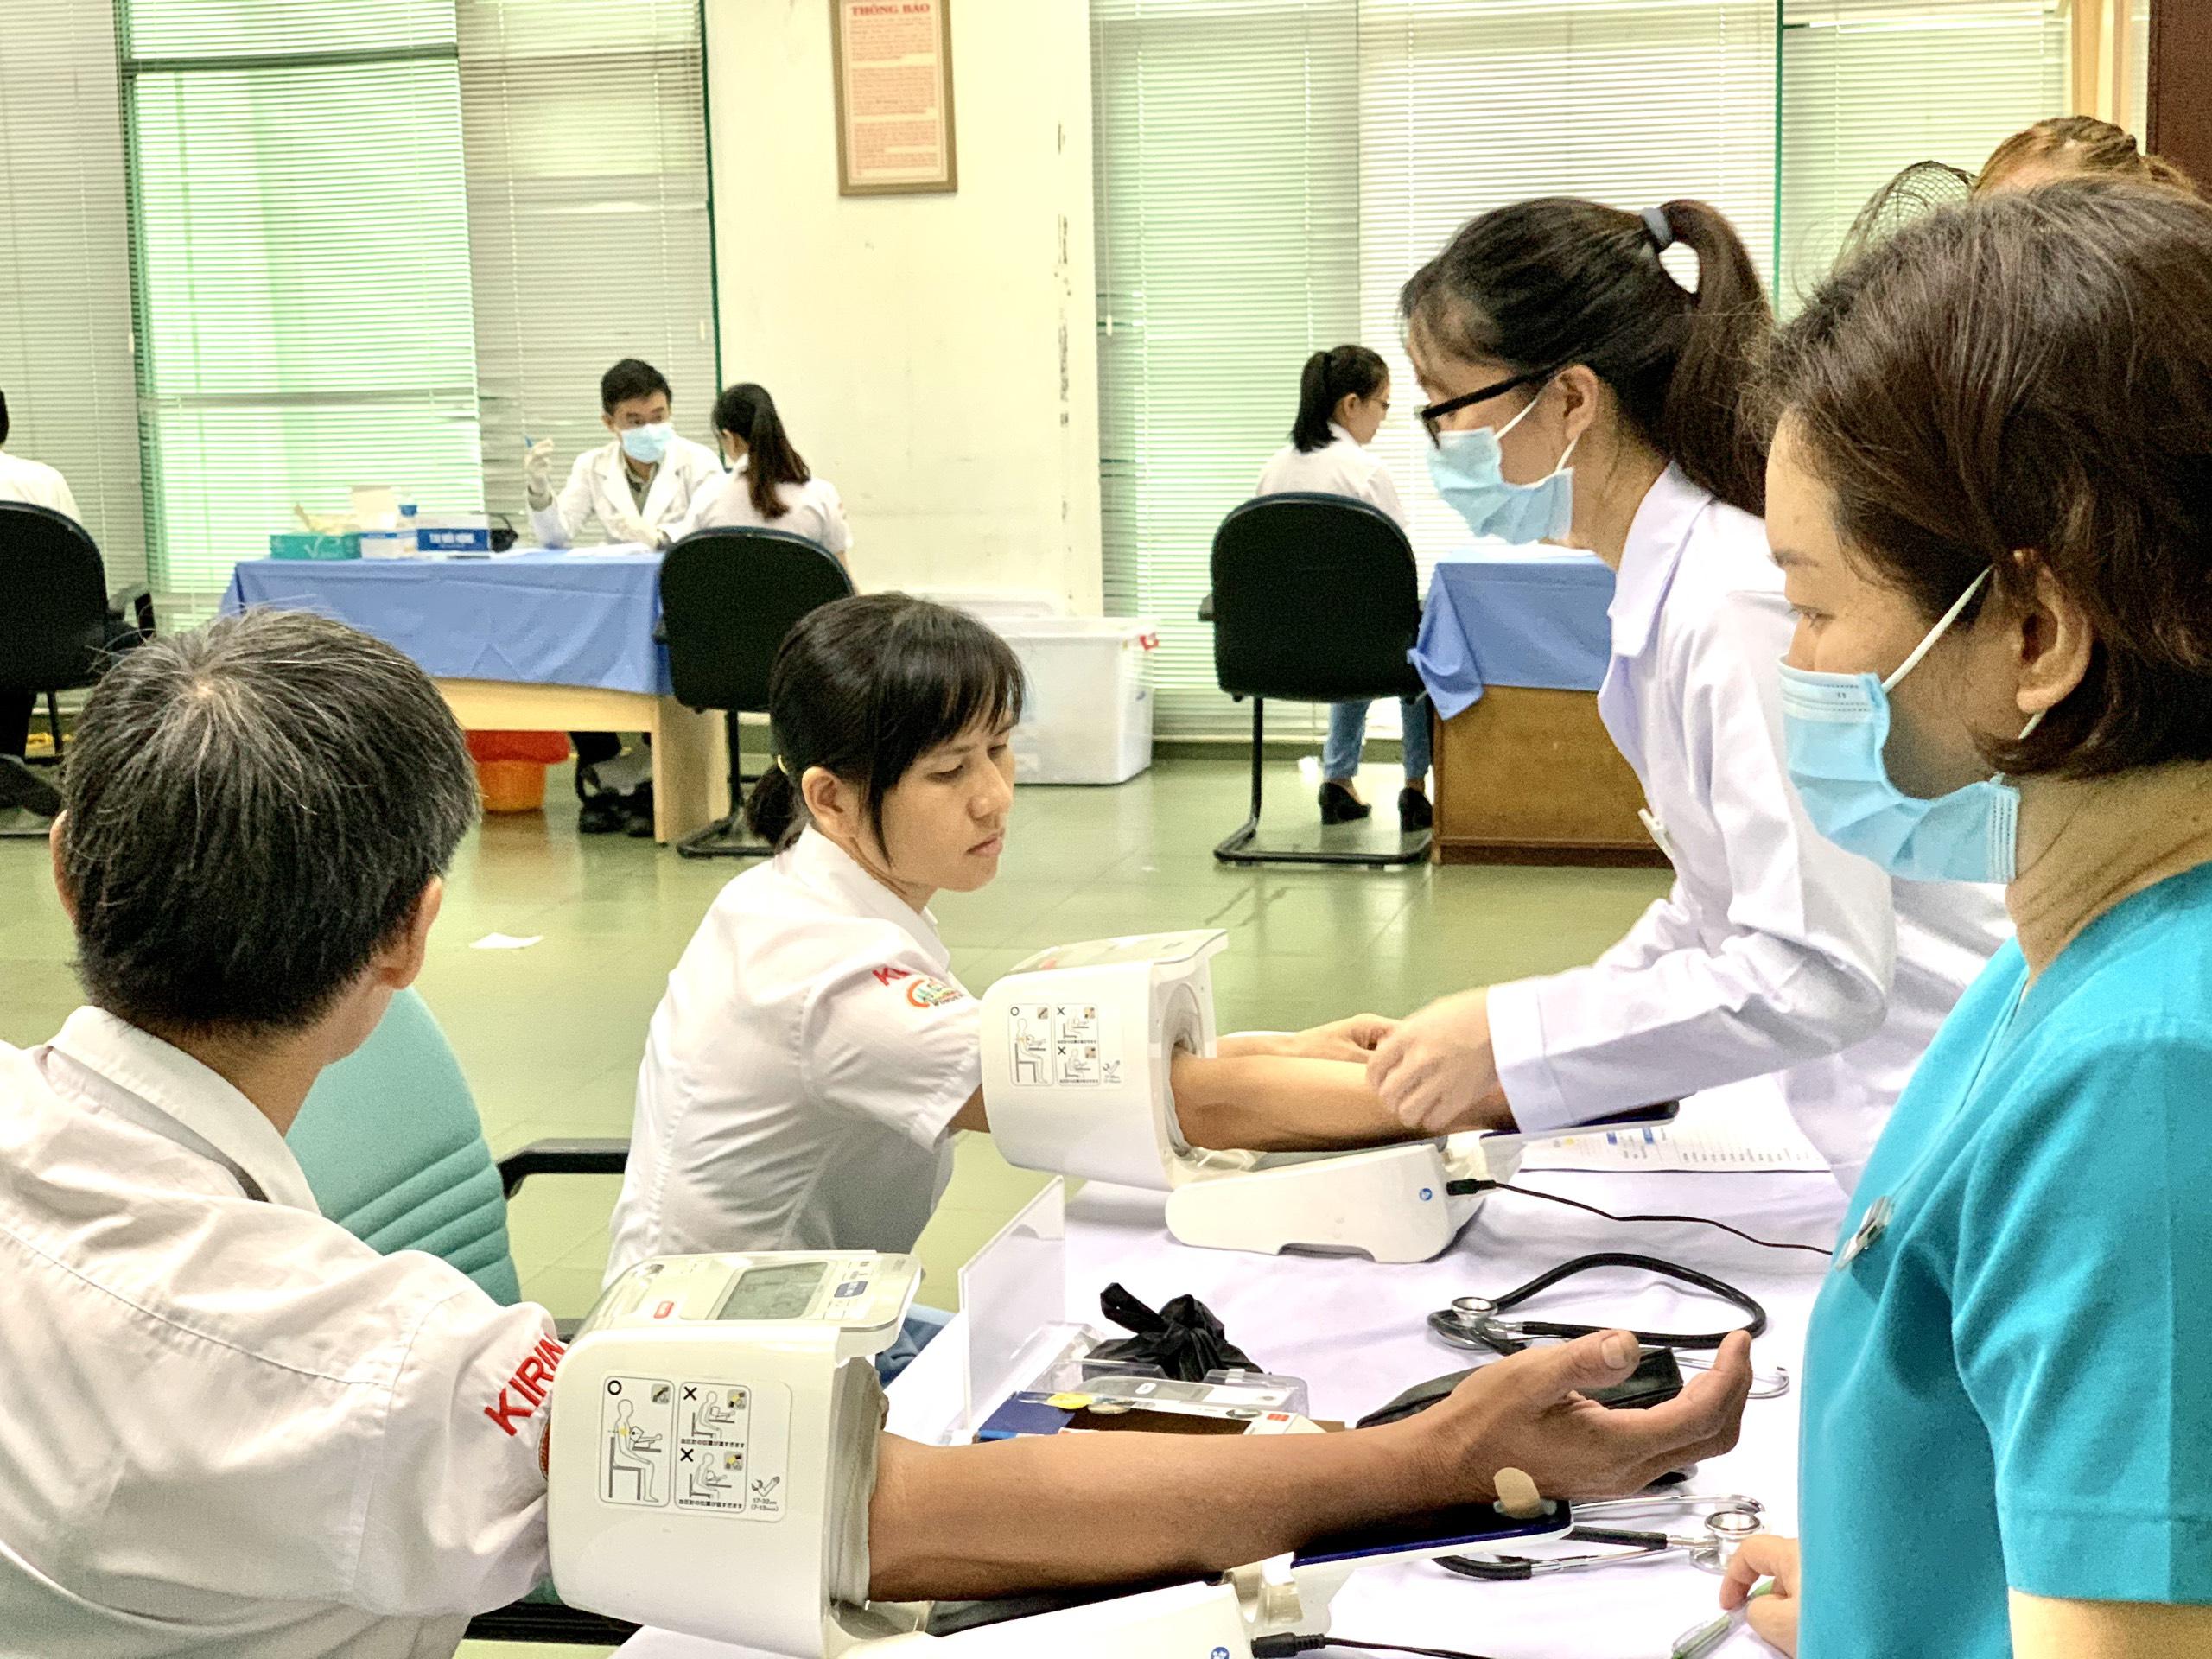 Liên hệ ngay cơ sở y tế tiêm chủng khi có dấu hiệu của tác dụng phụ nguy hiểm.